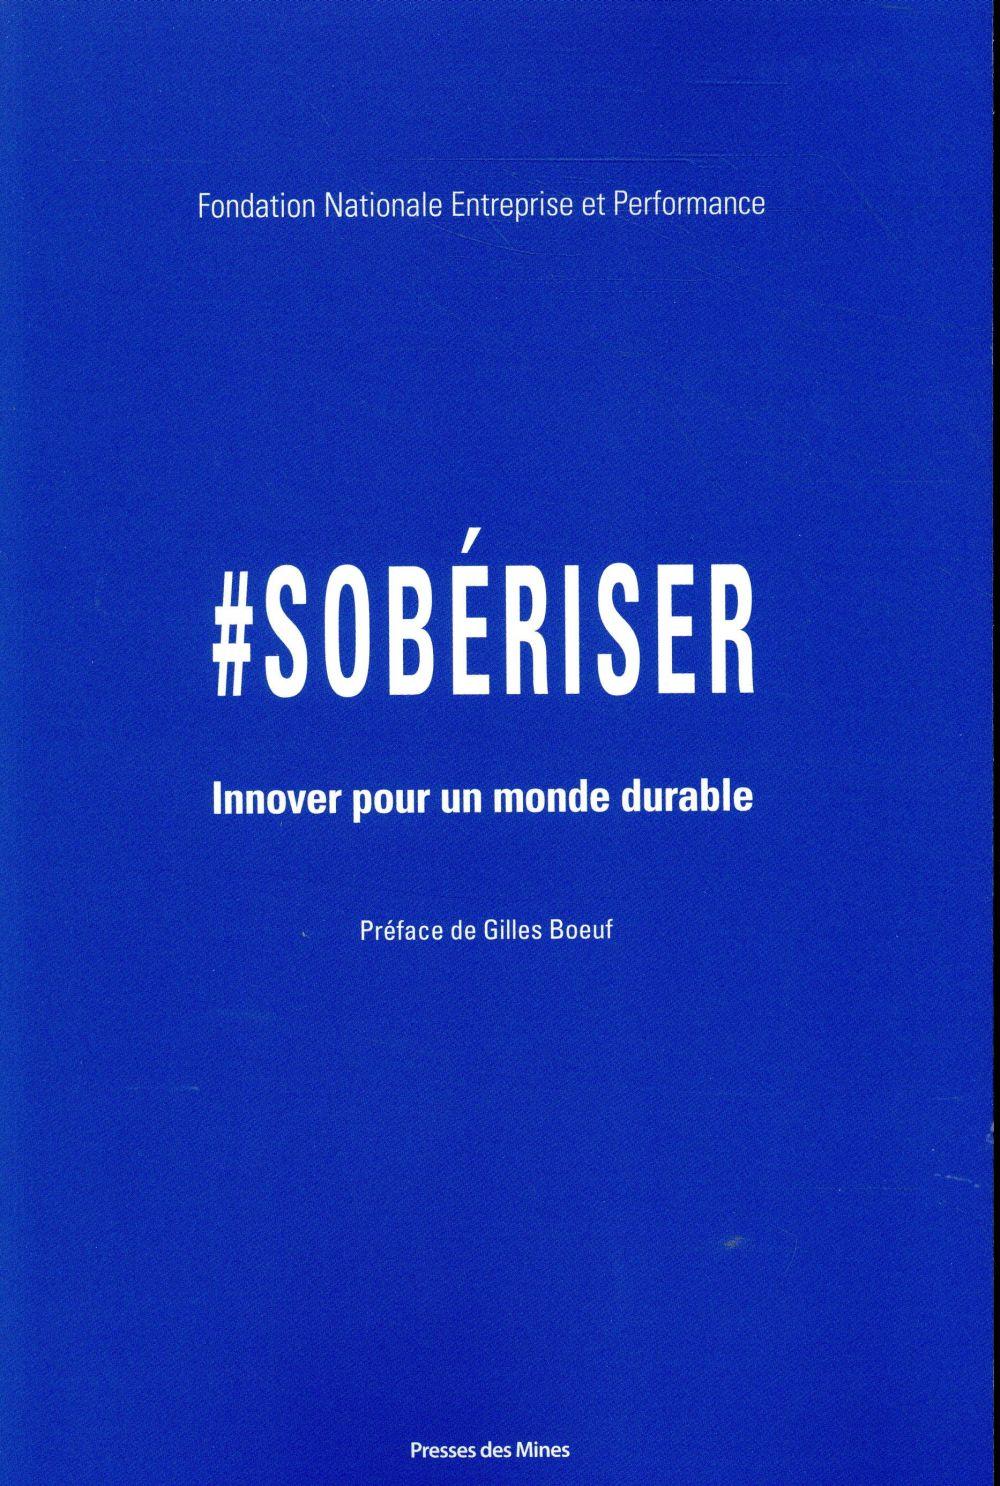 #SOBERISER